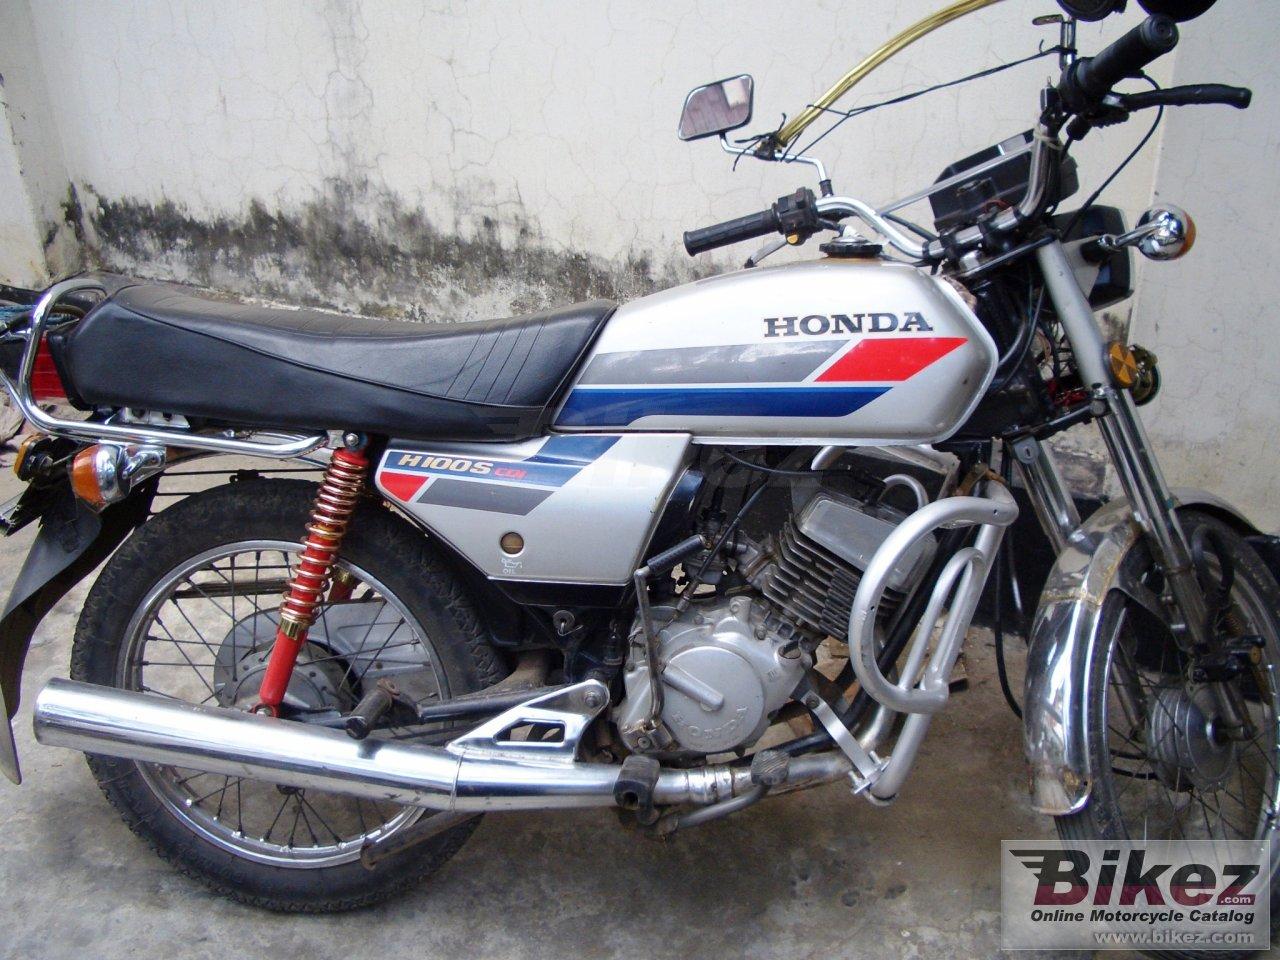 Kelebihan Kekurangan Honda 100 Tangguh